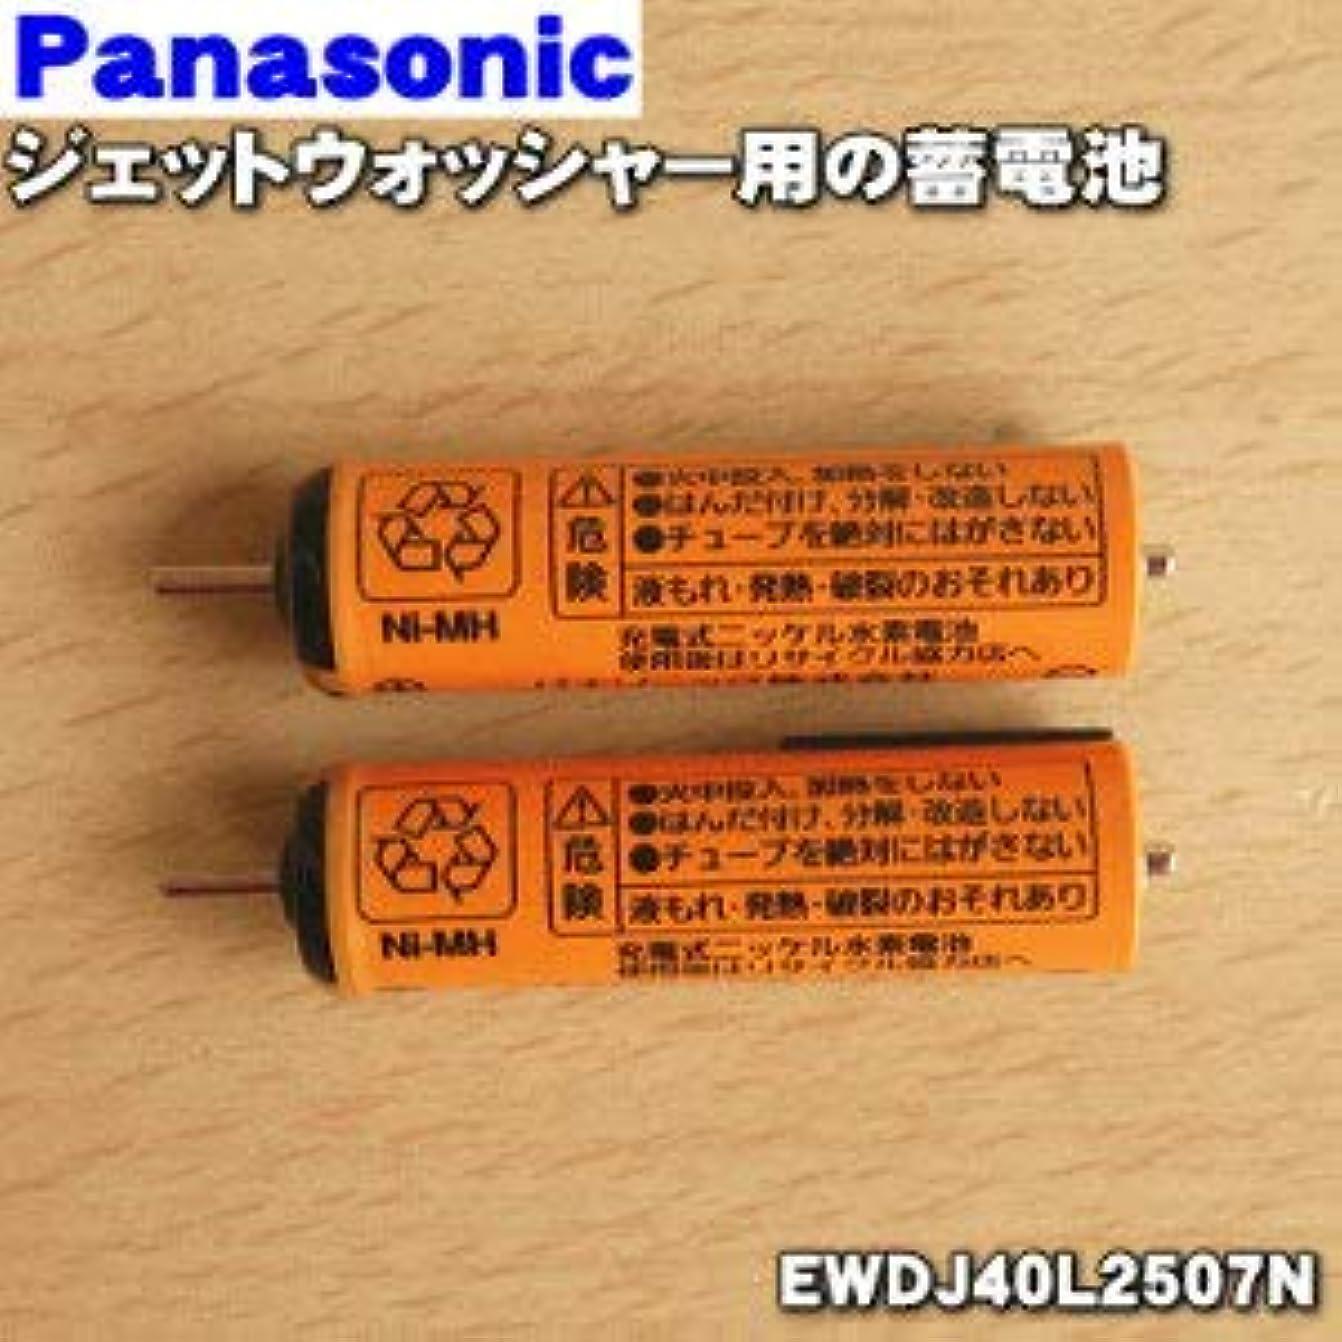 復活する君主私パナソニック Panasonic 音波振動ハブラシ Doltz 蓄電池交換用蓄電池 EWDJ40L2507N